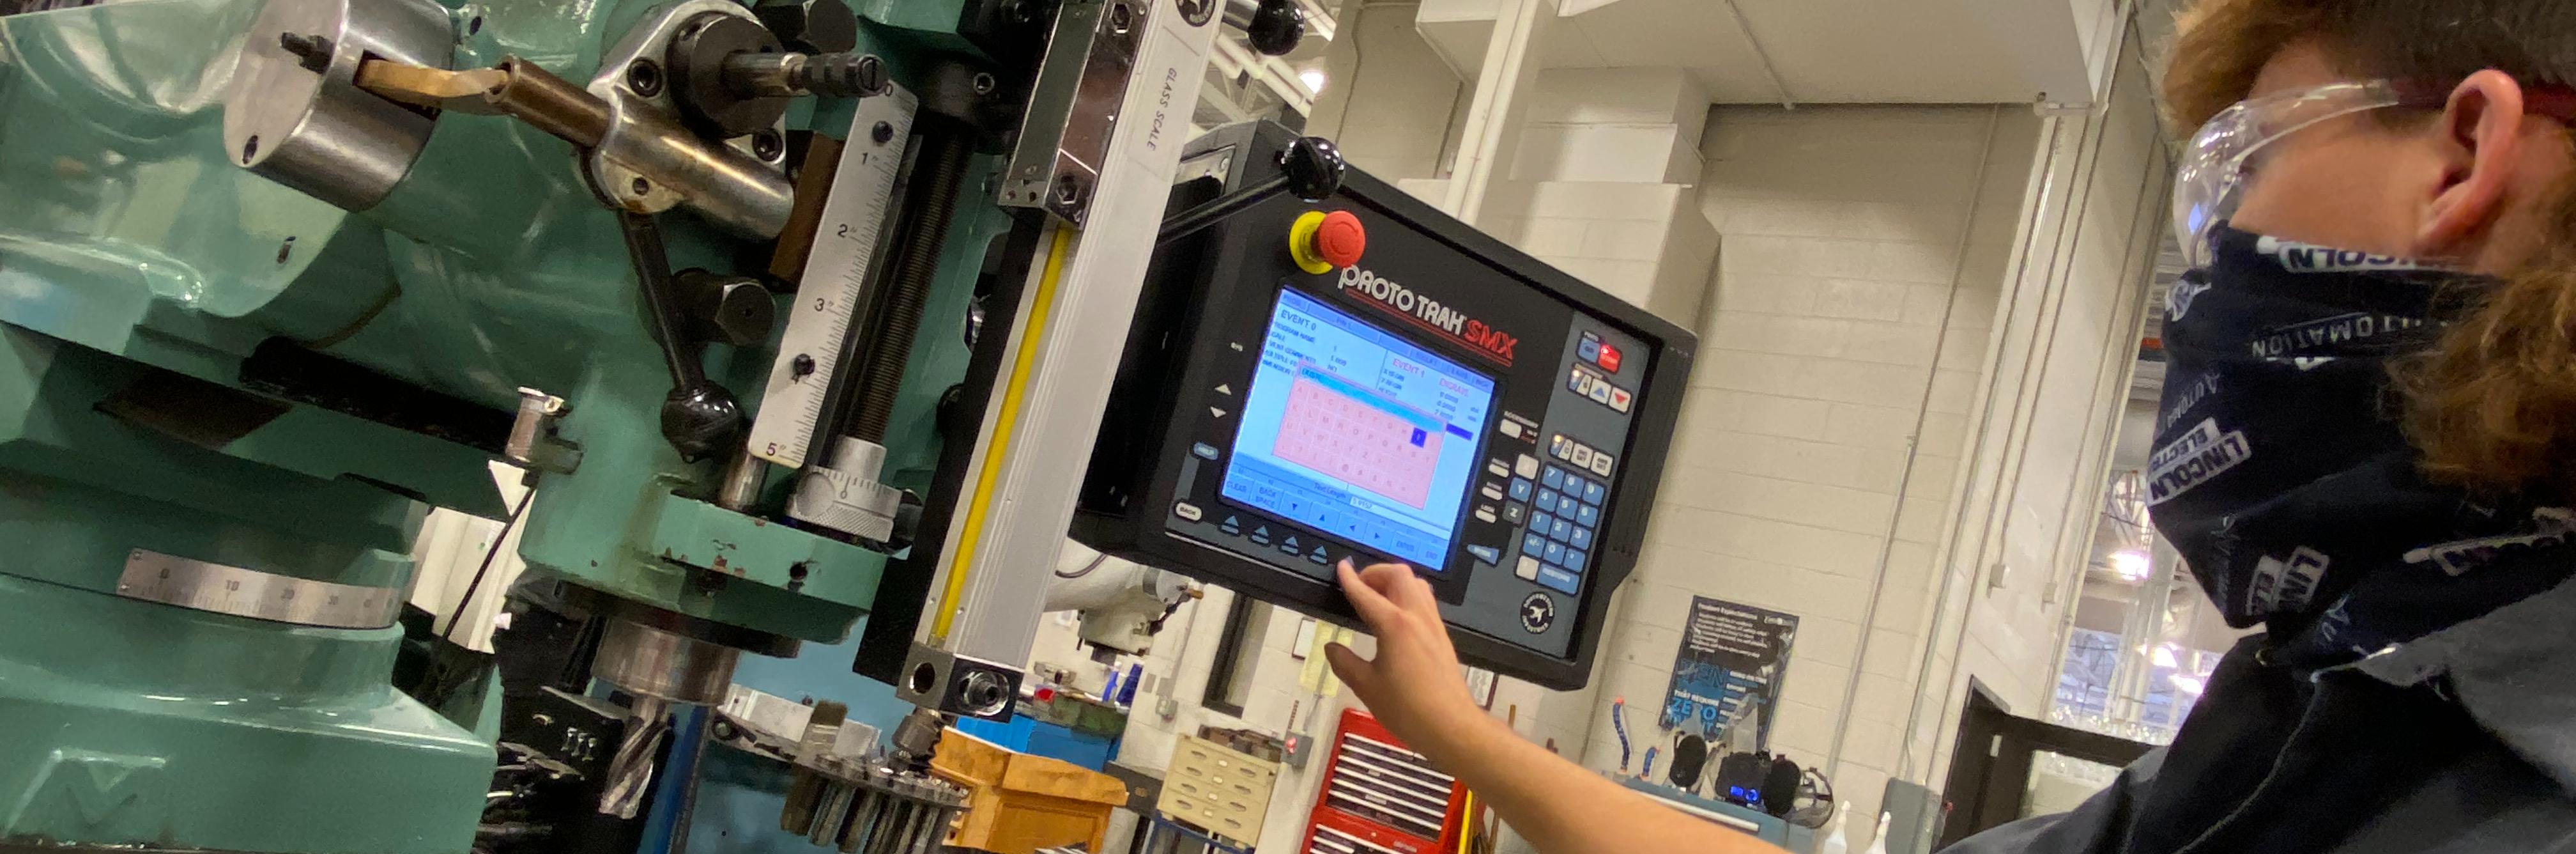 Manufacturing & Machining Lab